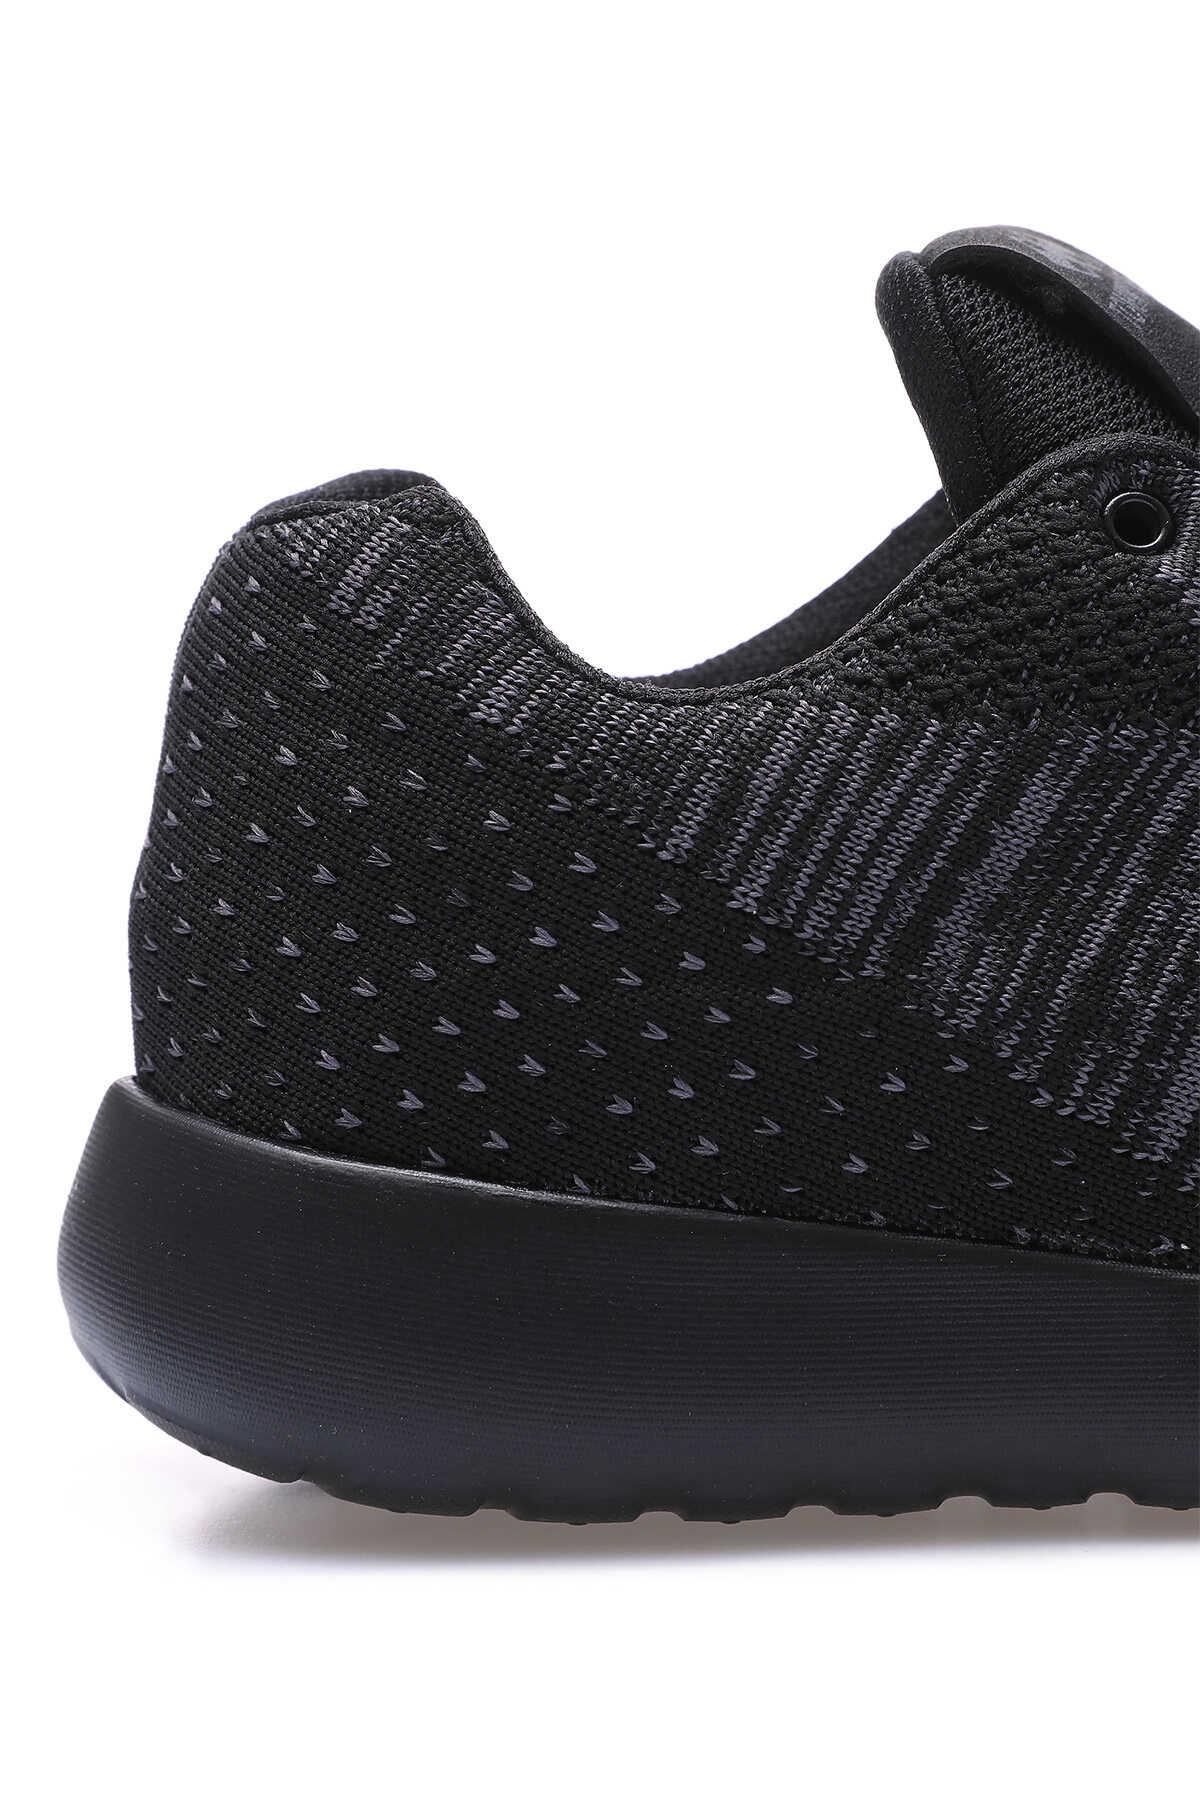 Tommy Life Toptan Siyah Erkek File Detaylı Bağcıklı Spor Ayakkabı - 89047_1